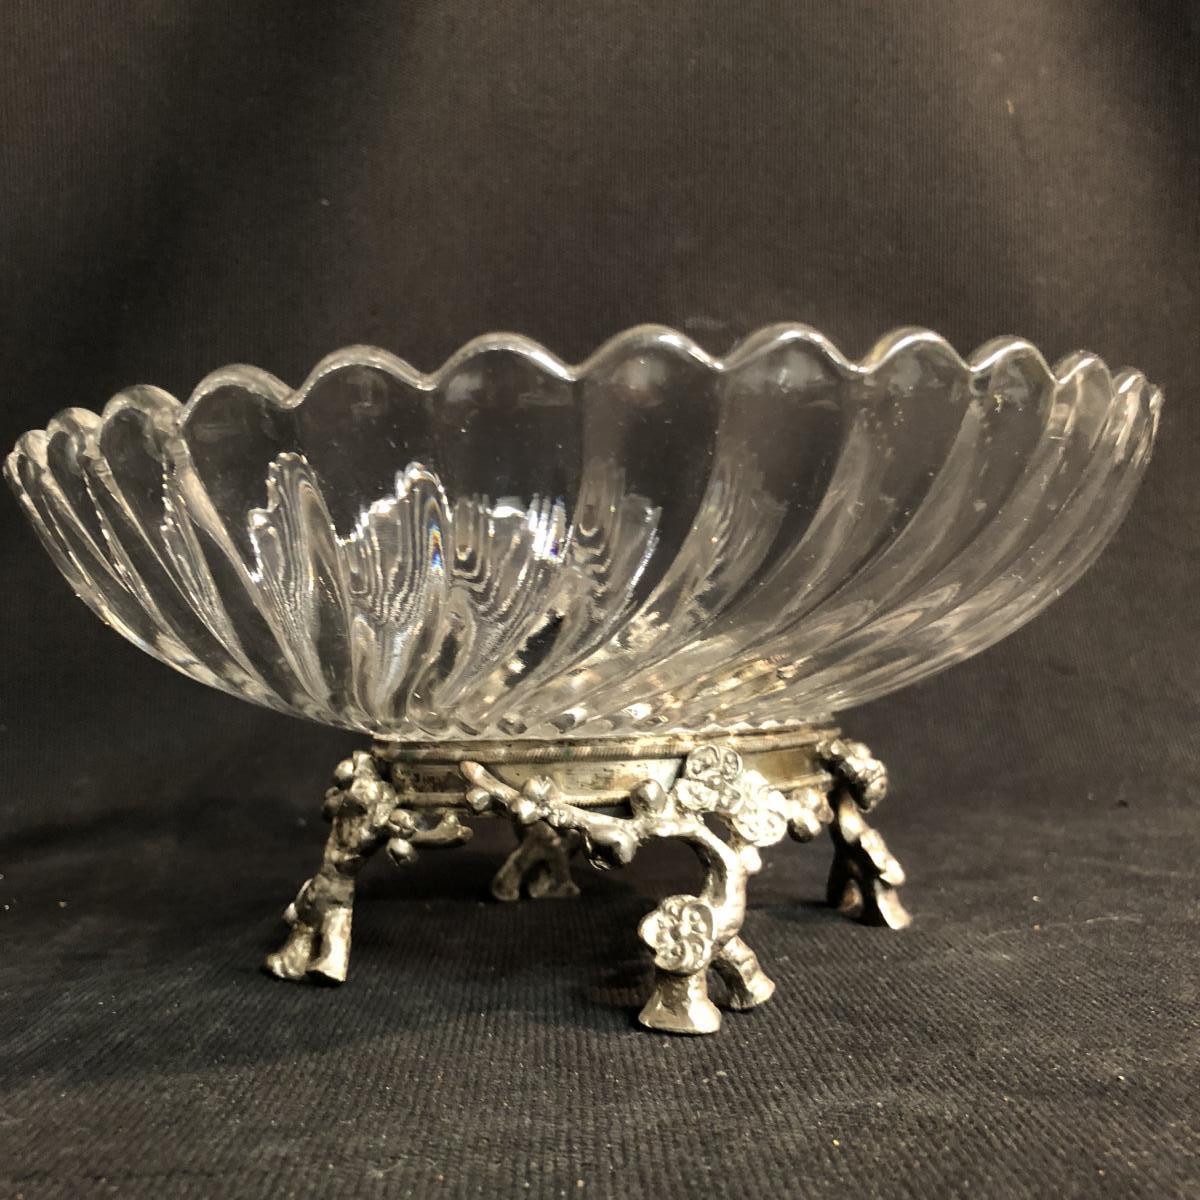 BACCARAT coupe cristal sur pied bronze XIXe double signature